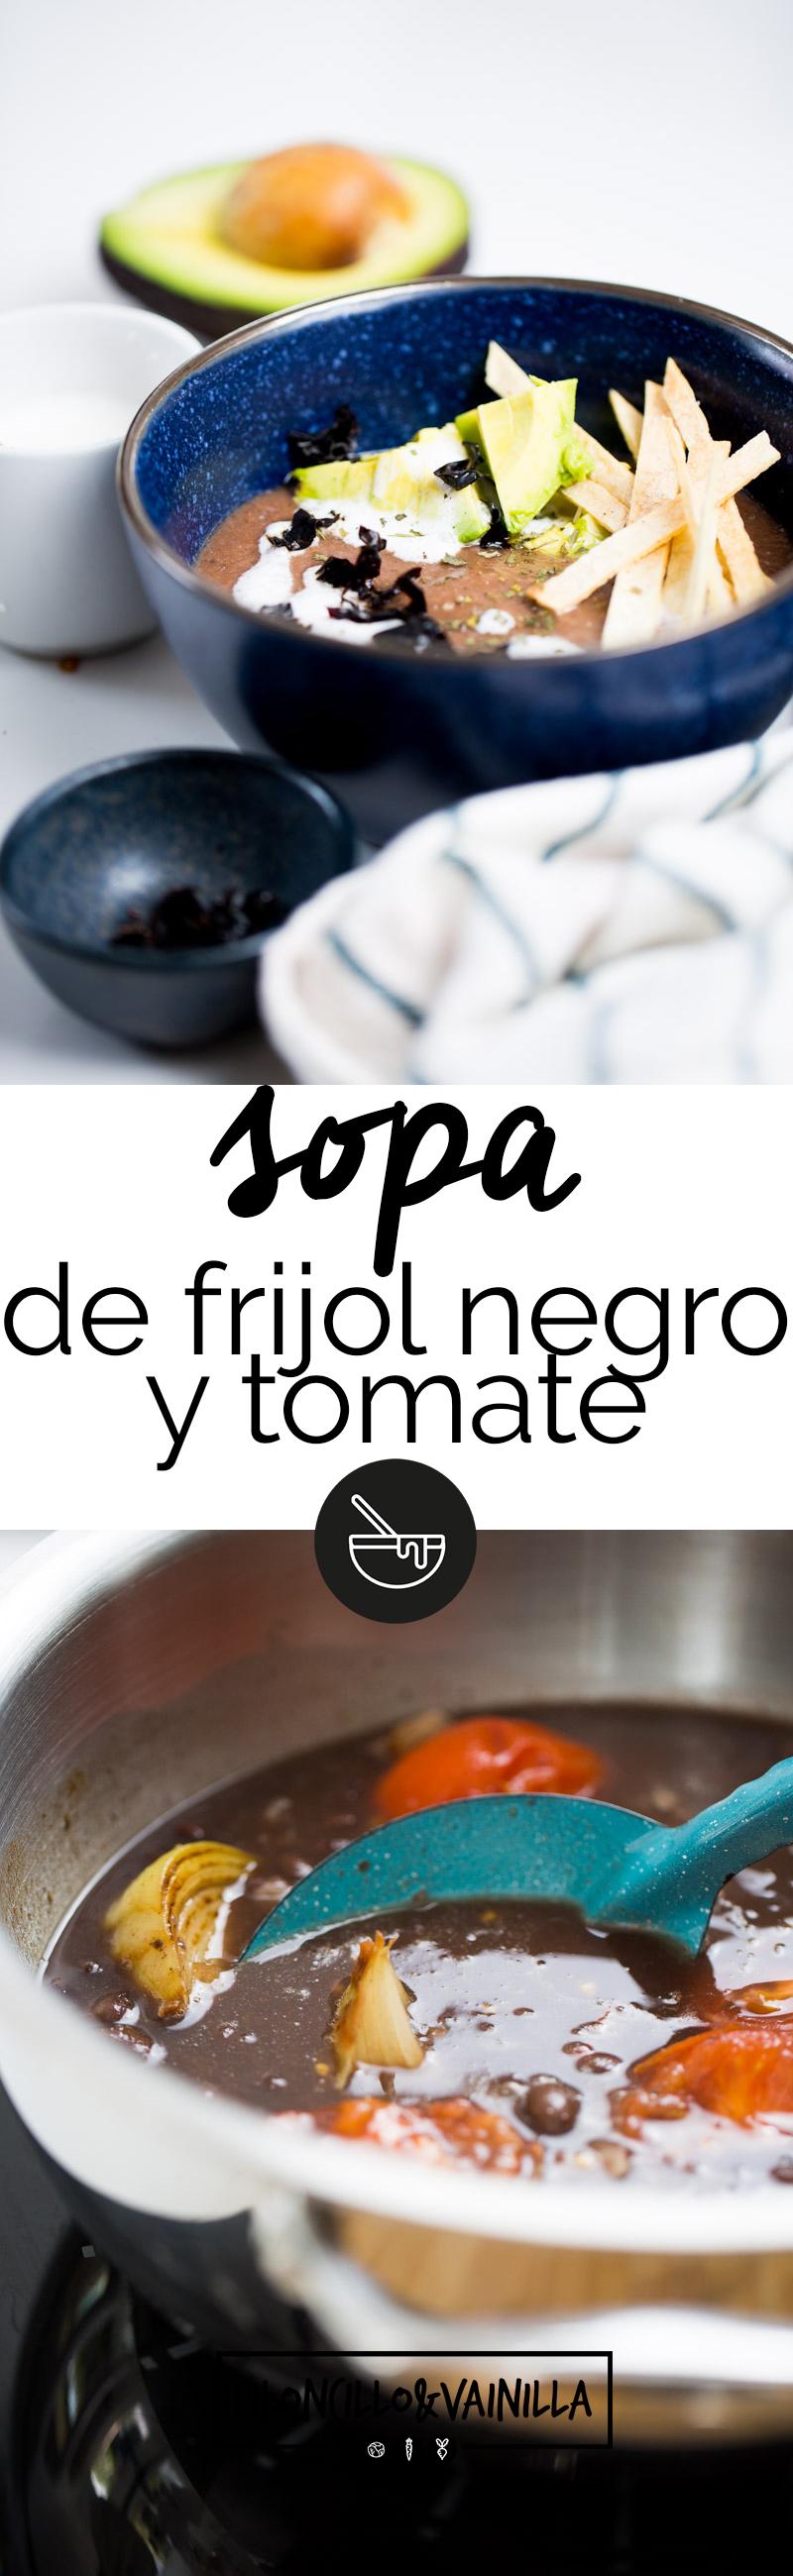 Esta sopa de frijol negro y tomate es perfecta cuando se te antoje una sopa pesada o para una cena rápida. Es muy fácil de hacer, llenadora y nutritiva. #recetaenespañol, #vegana, #sopavegana